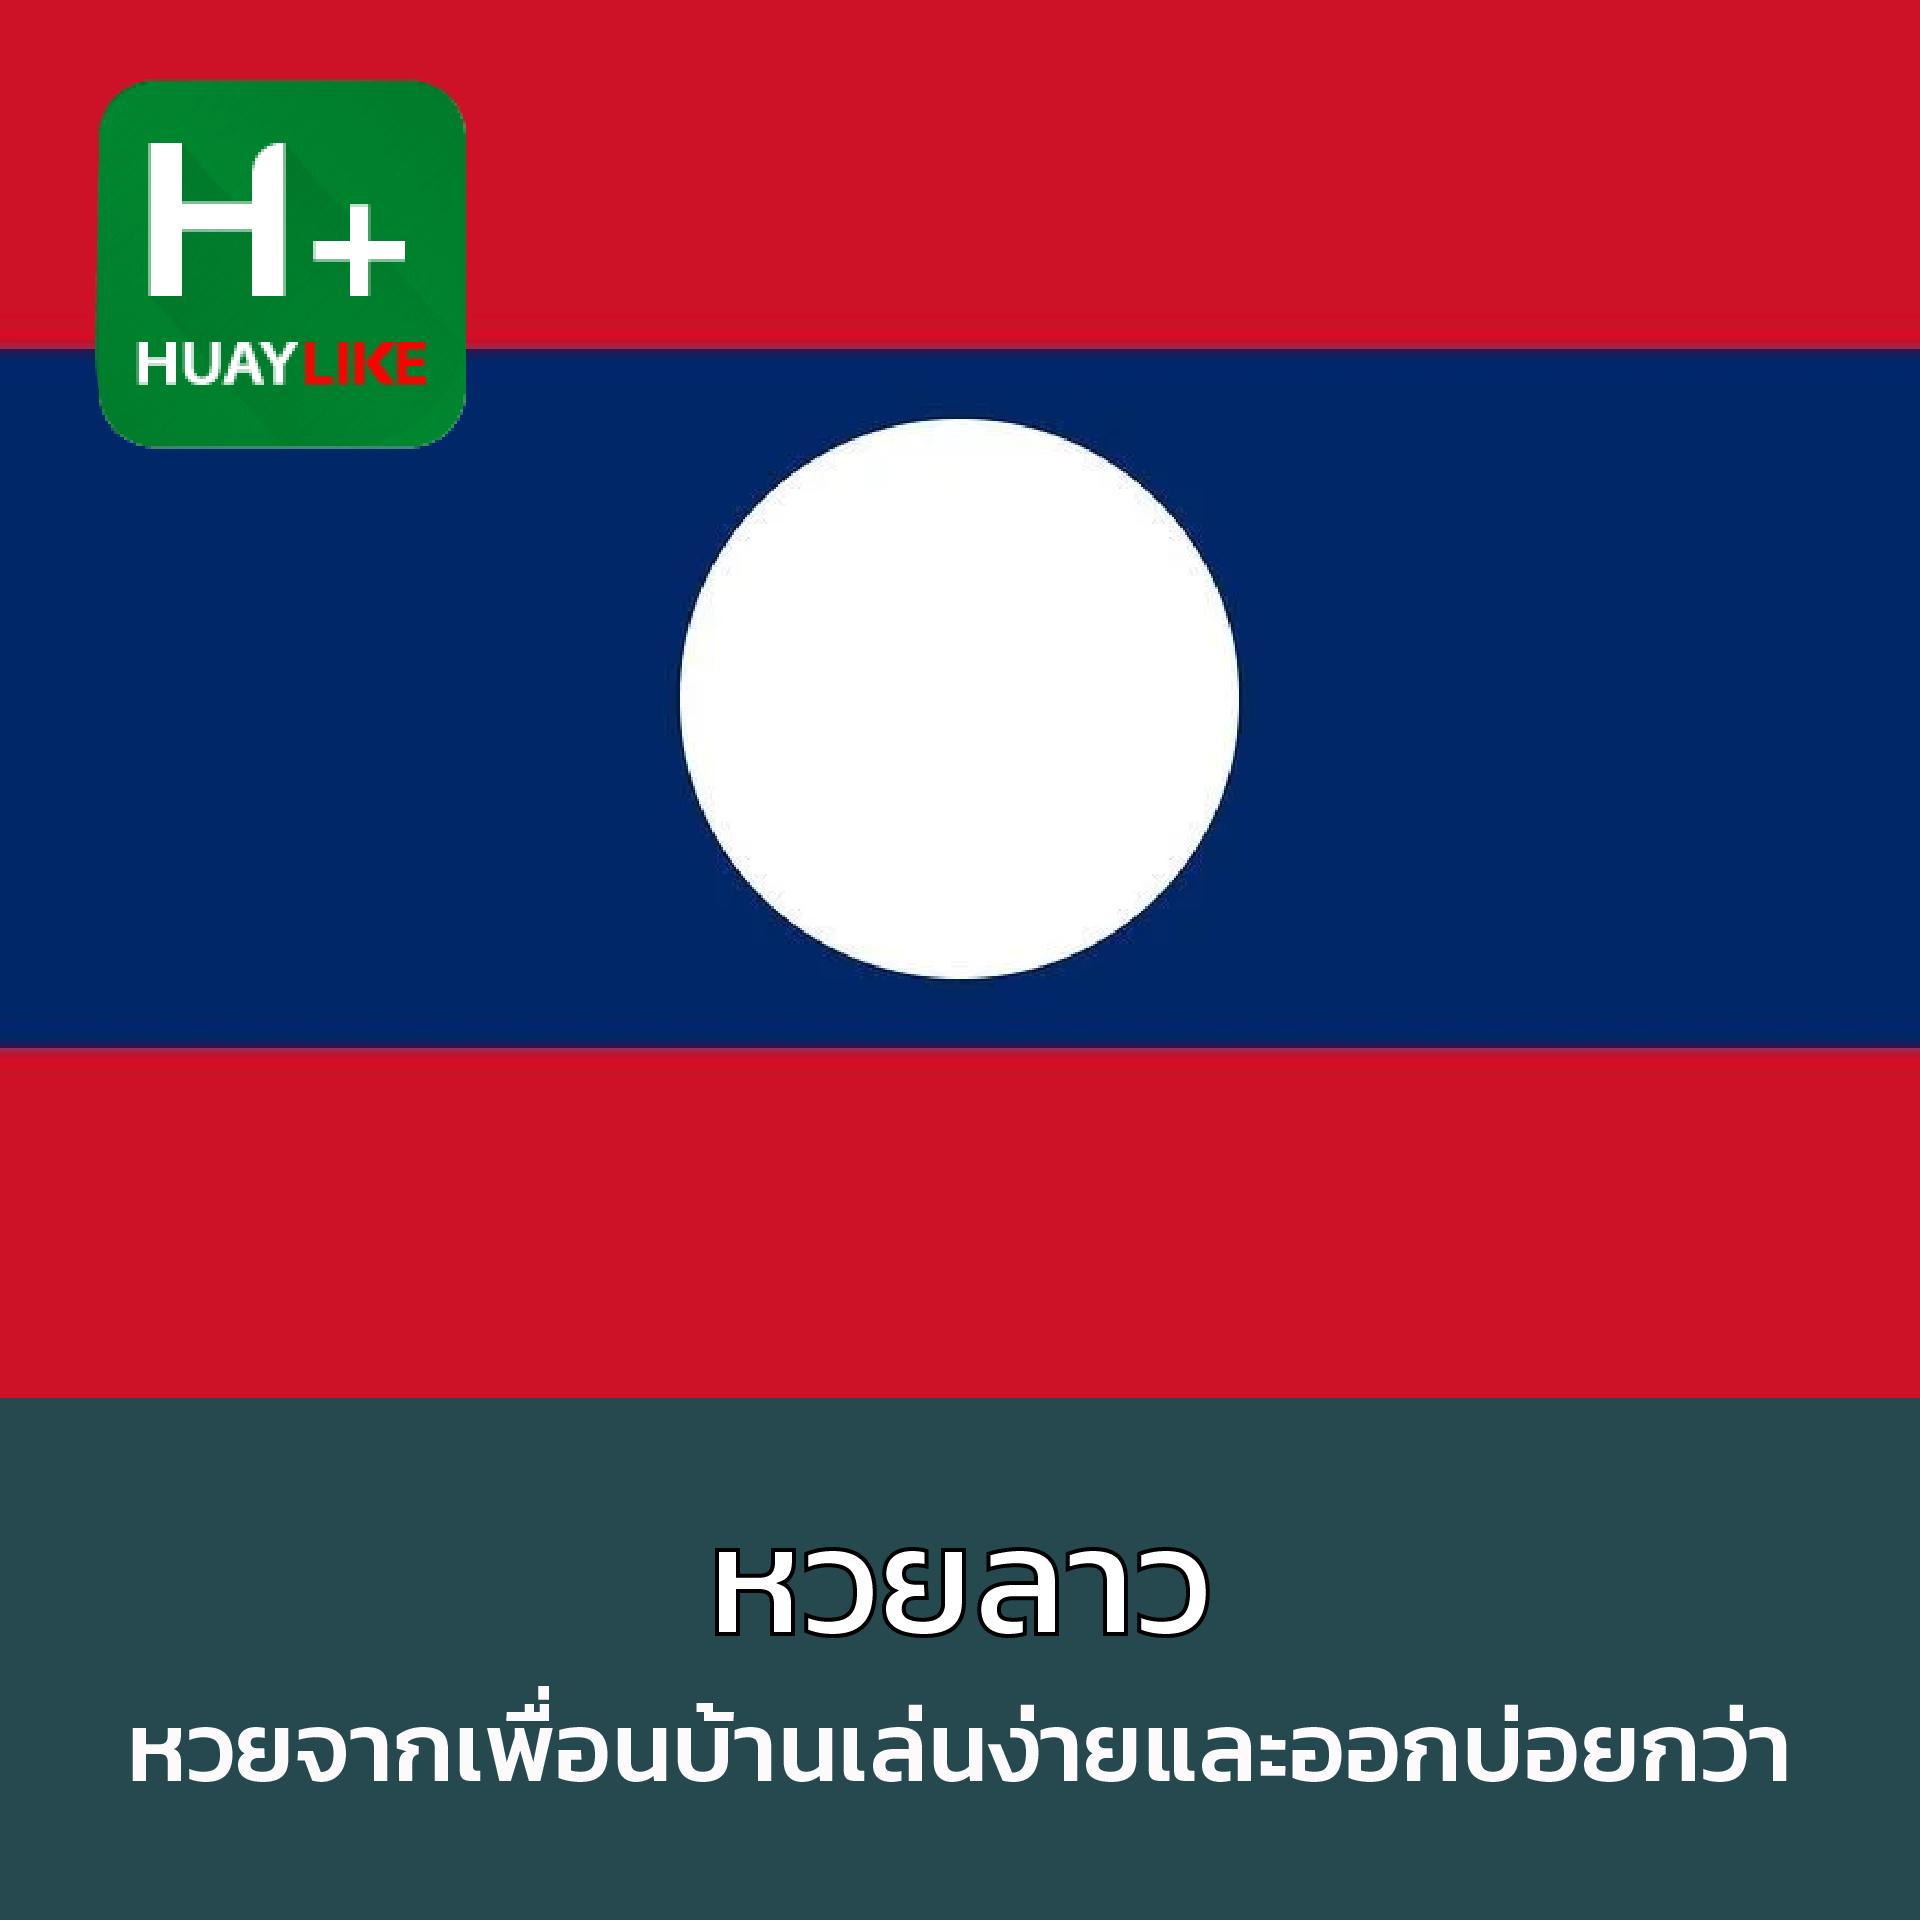 หวยลาว หวยจากเพื่อนบ้านที่เล่นง่ายและออกบ่อยกว่าของไทย